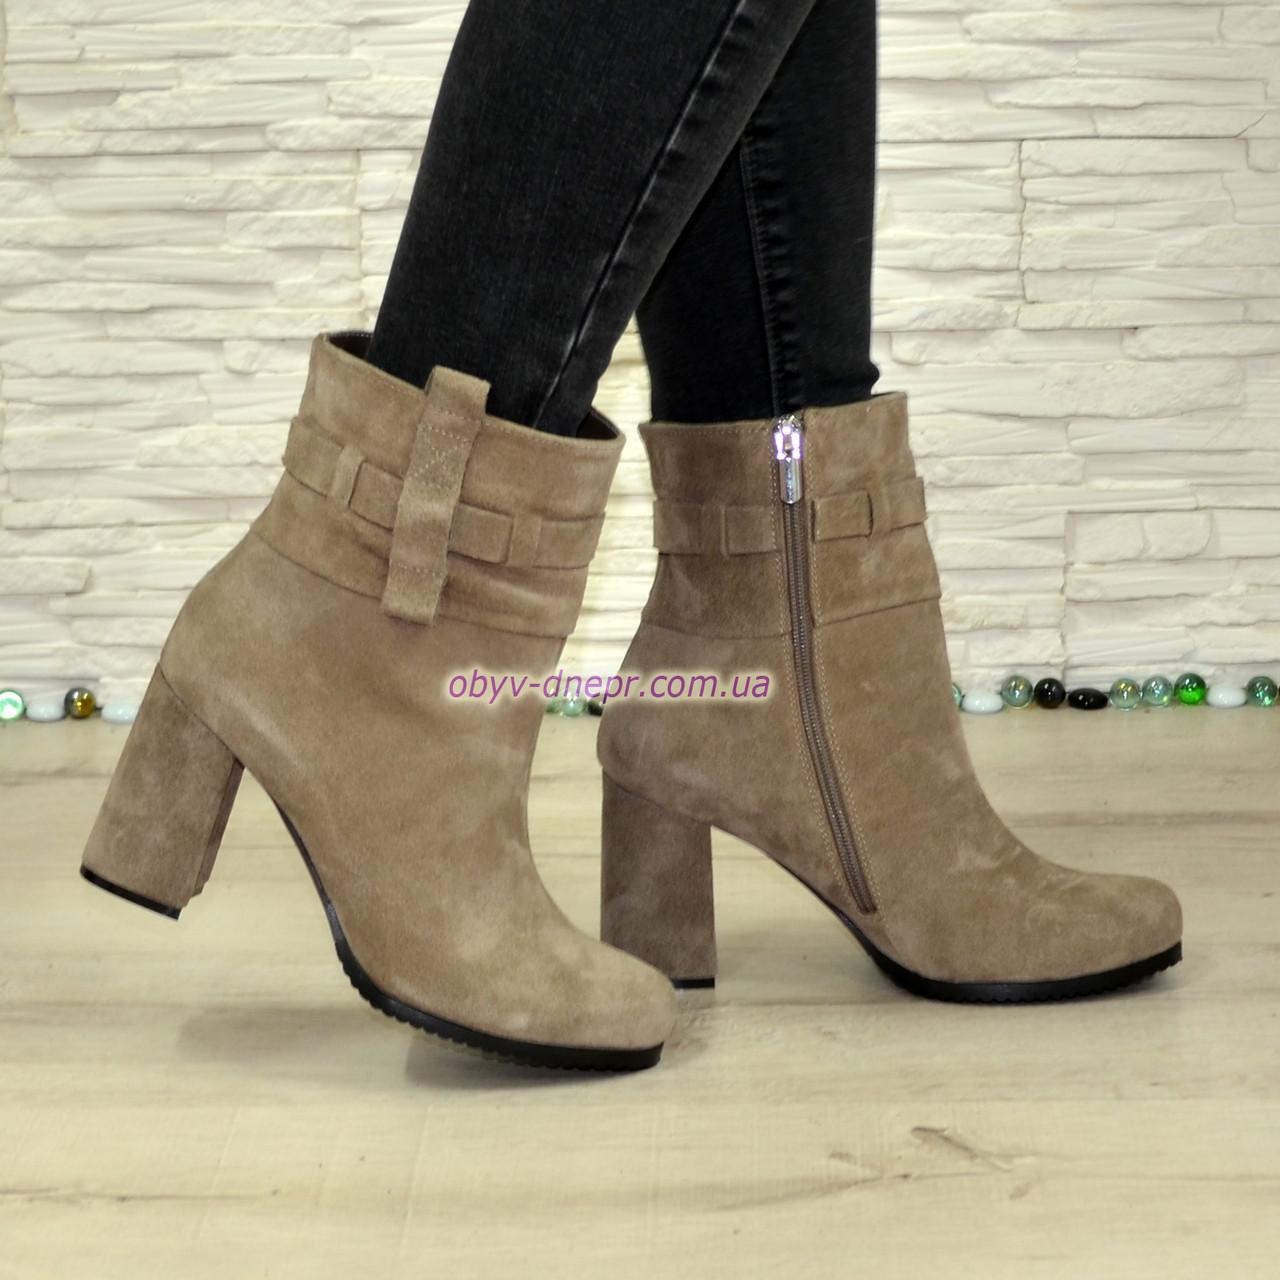 Ботинки   замшевые на высоком устойчивом каблуке, цвет бежевый